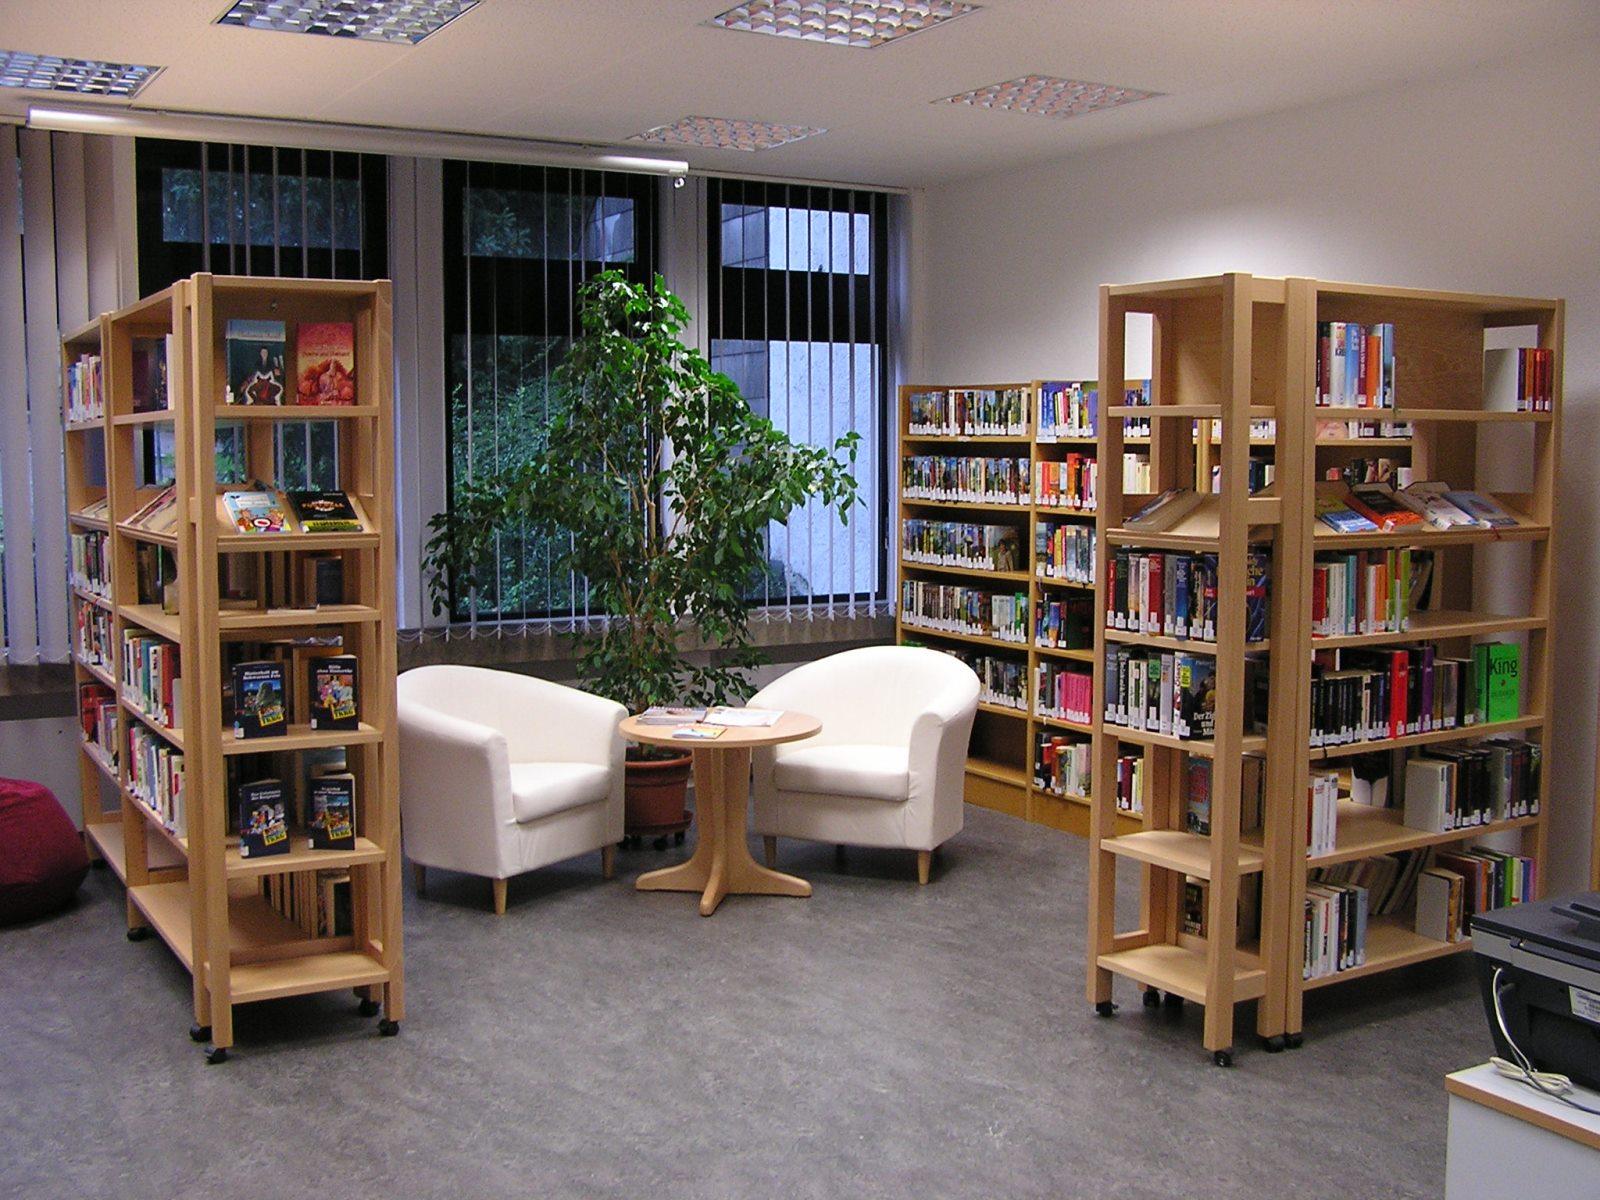 Inneneinrichtung der Bücherei in Hirrlingen